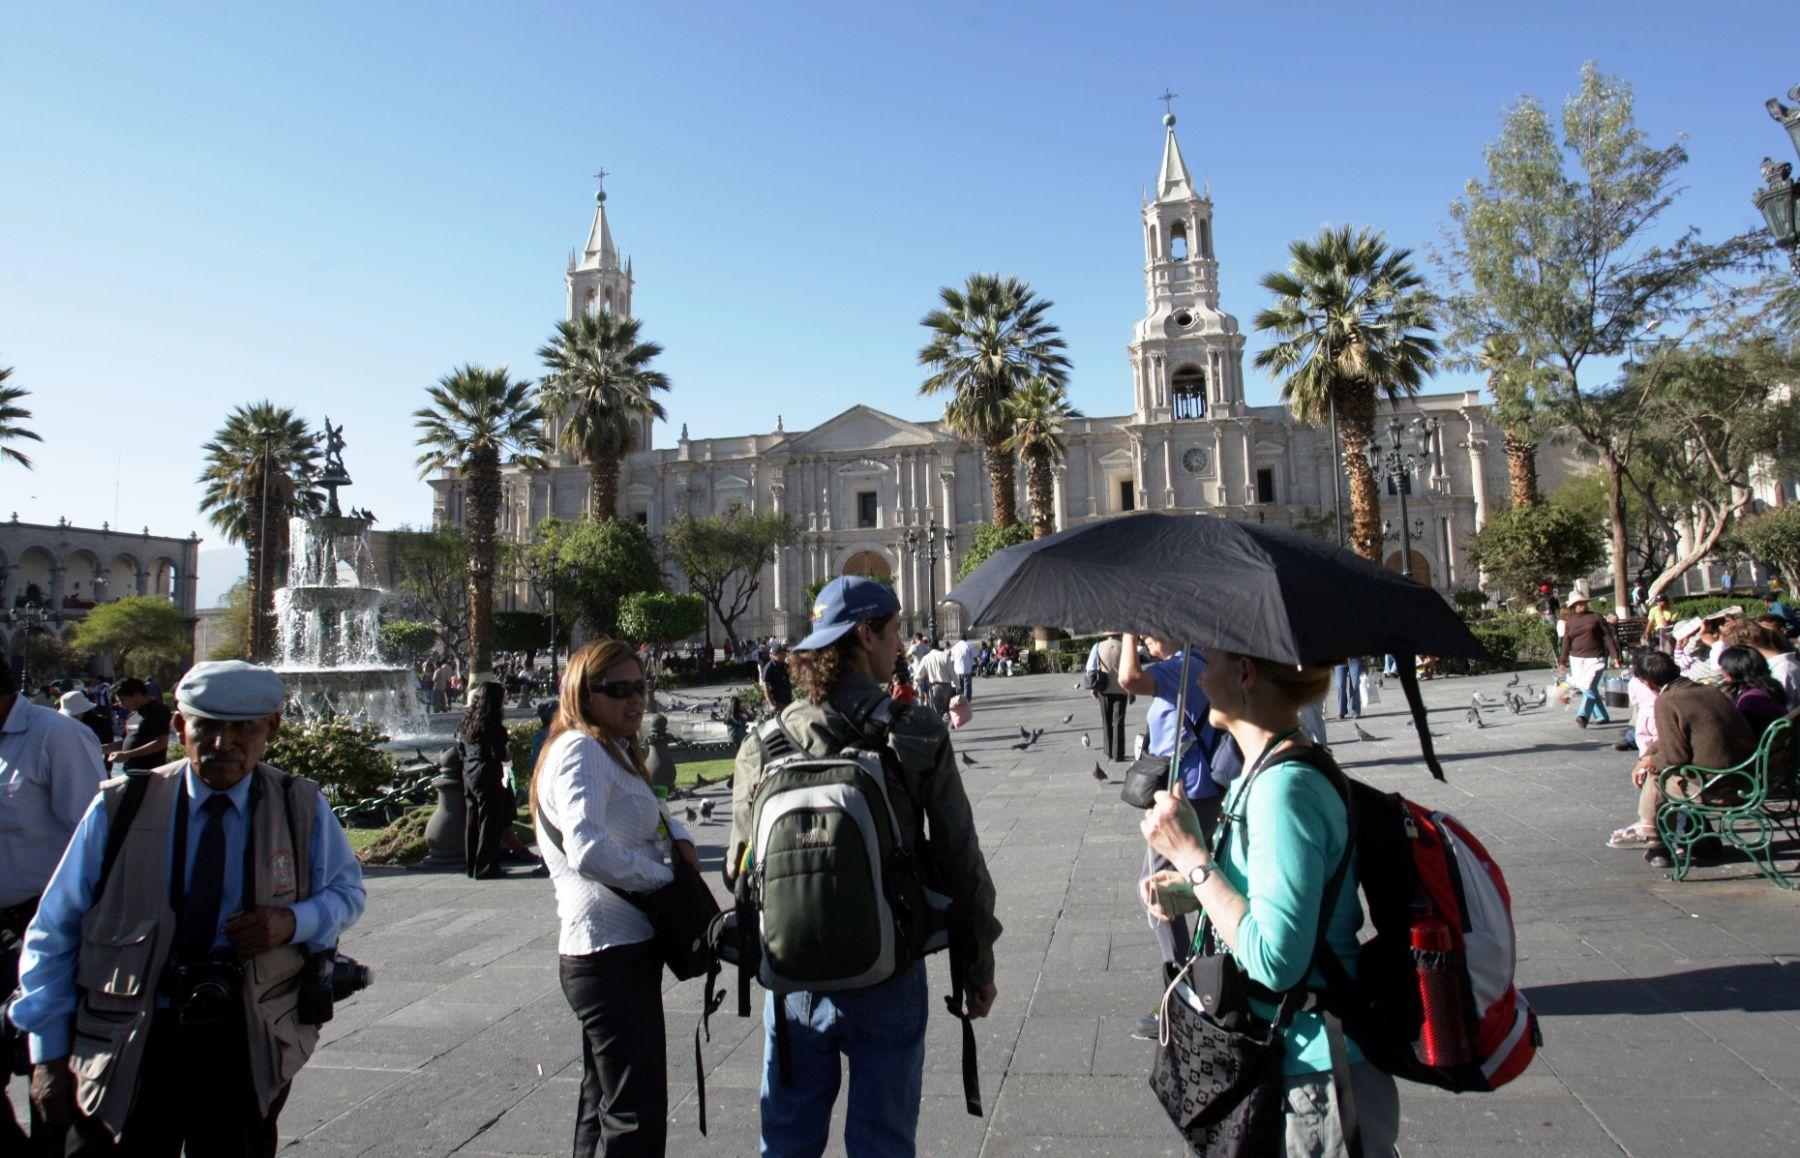 El incremento del turismo en Arequipa incentiva la llegada de más cadenas hoteleras.